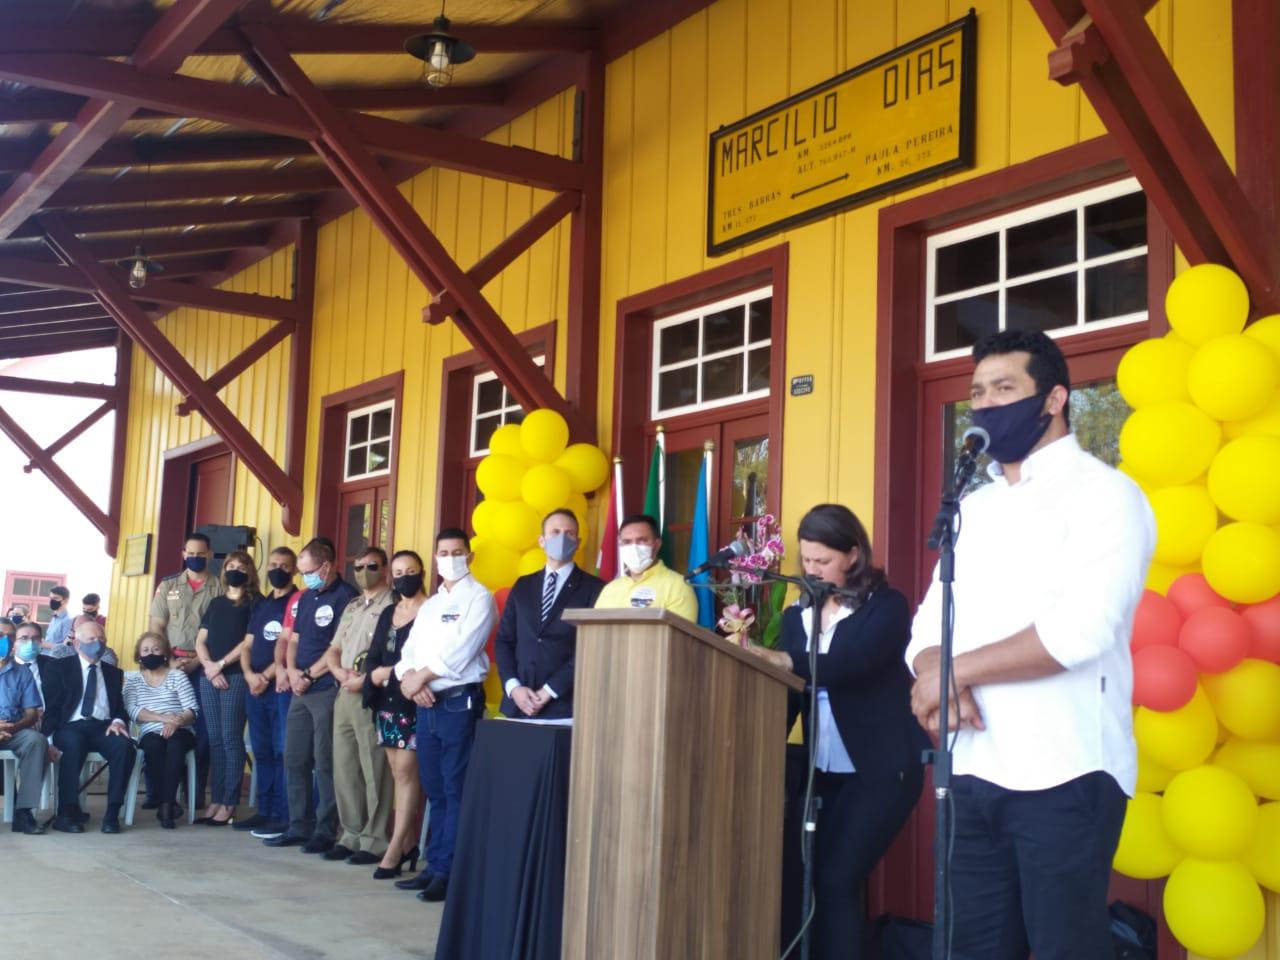 Presidente da Câmara Gil Baiano e Vereadores participam de inauguração do Complexo Turístico e Cultural em Marcílio Dias